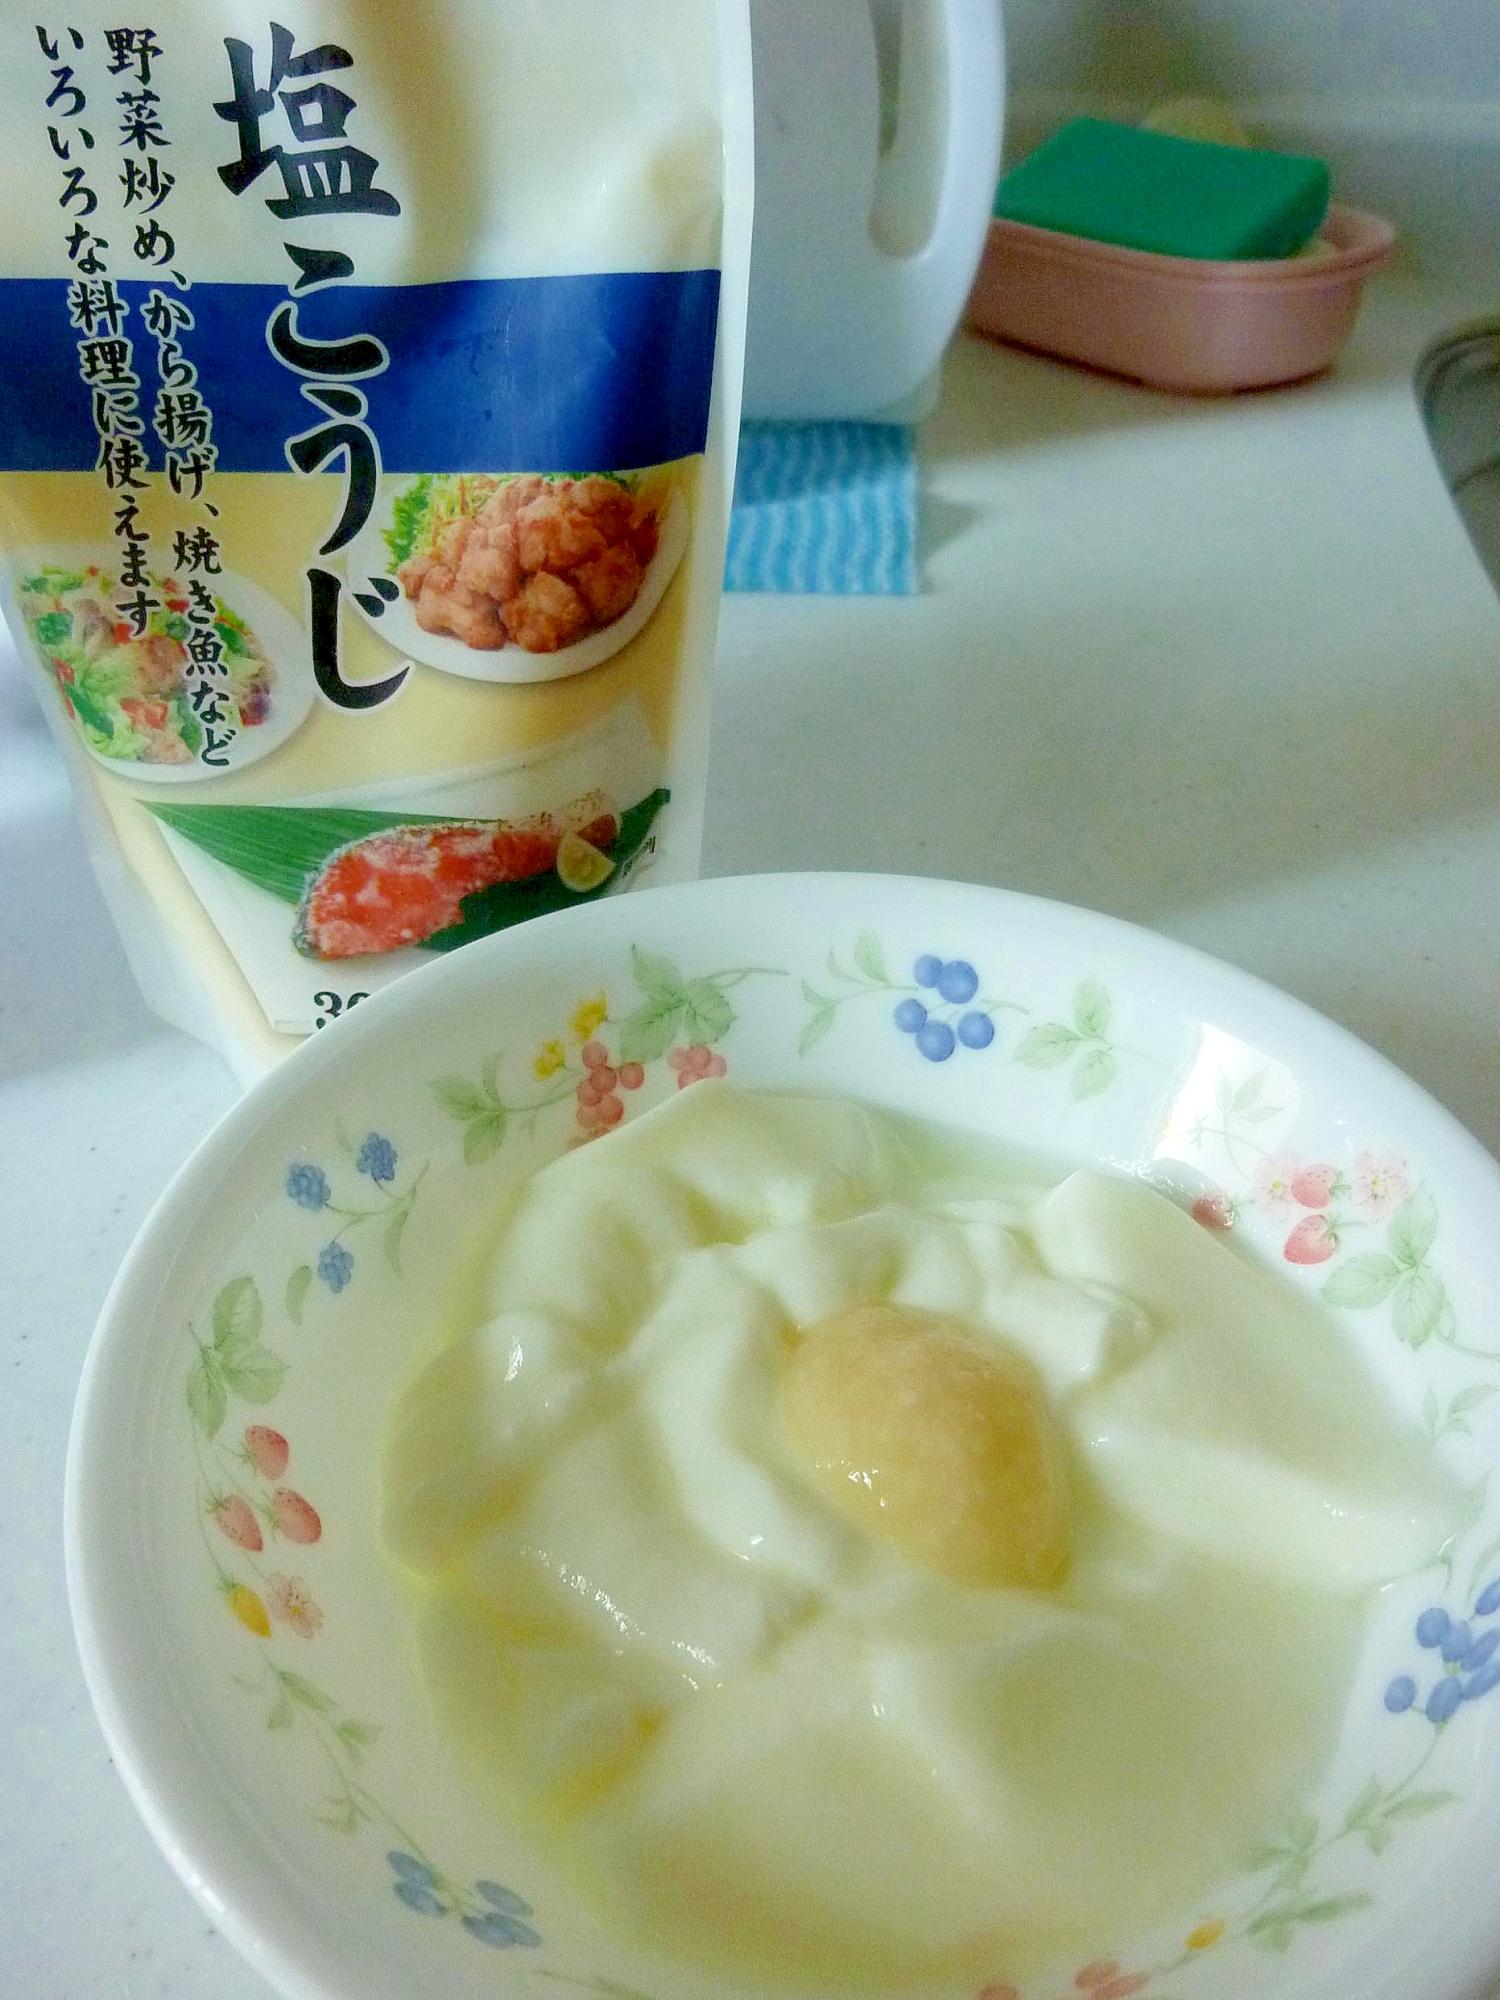 ☆腸内環境改善♪ 塩麹&リンゴ酢ヨーグルト☆